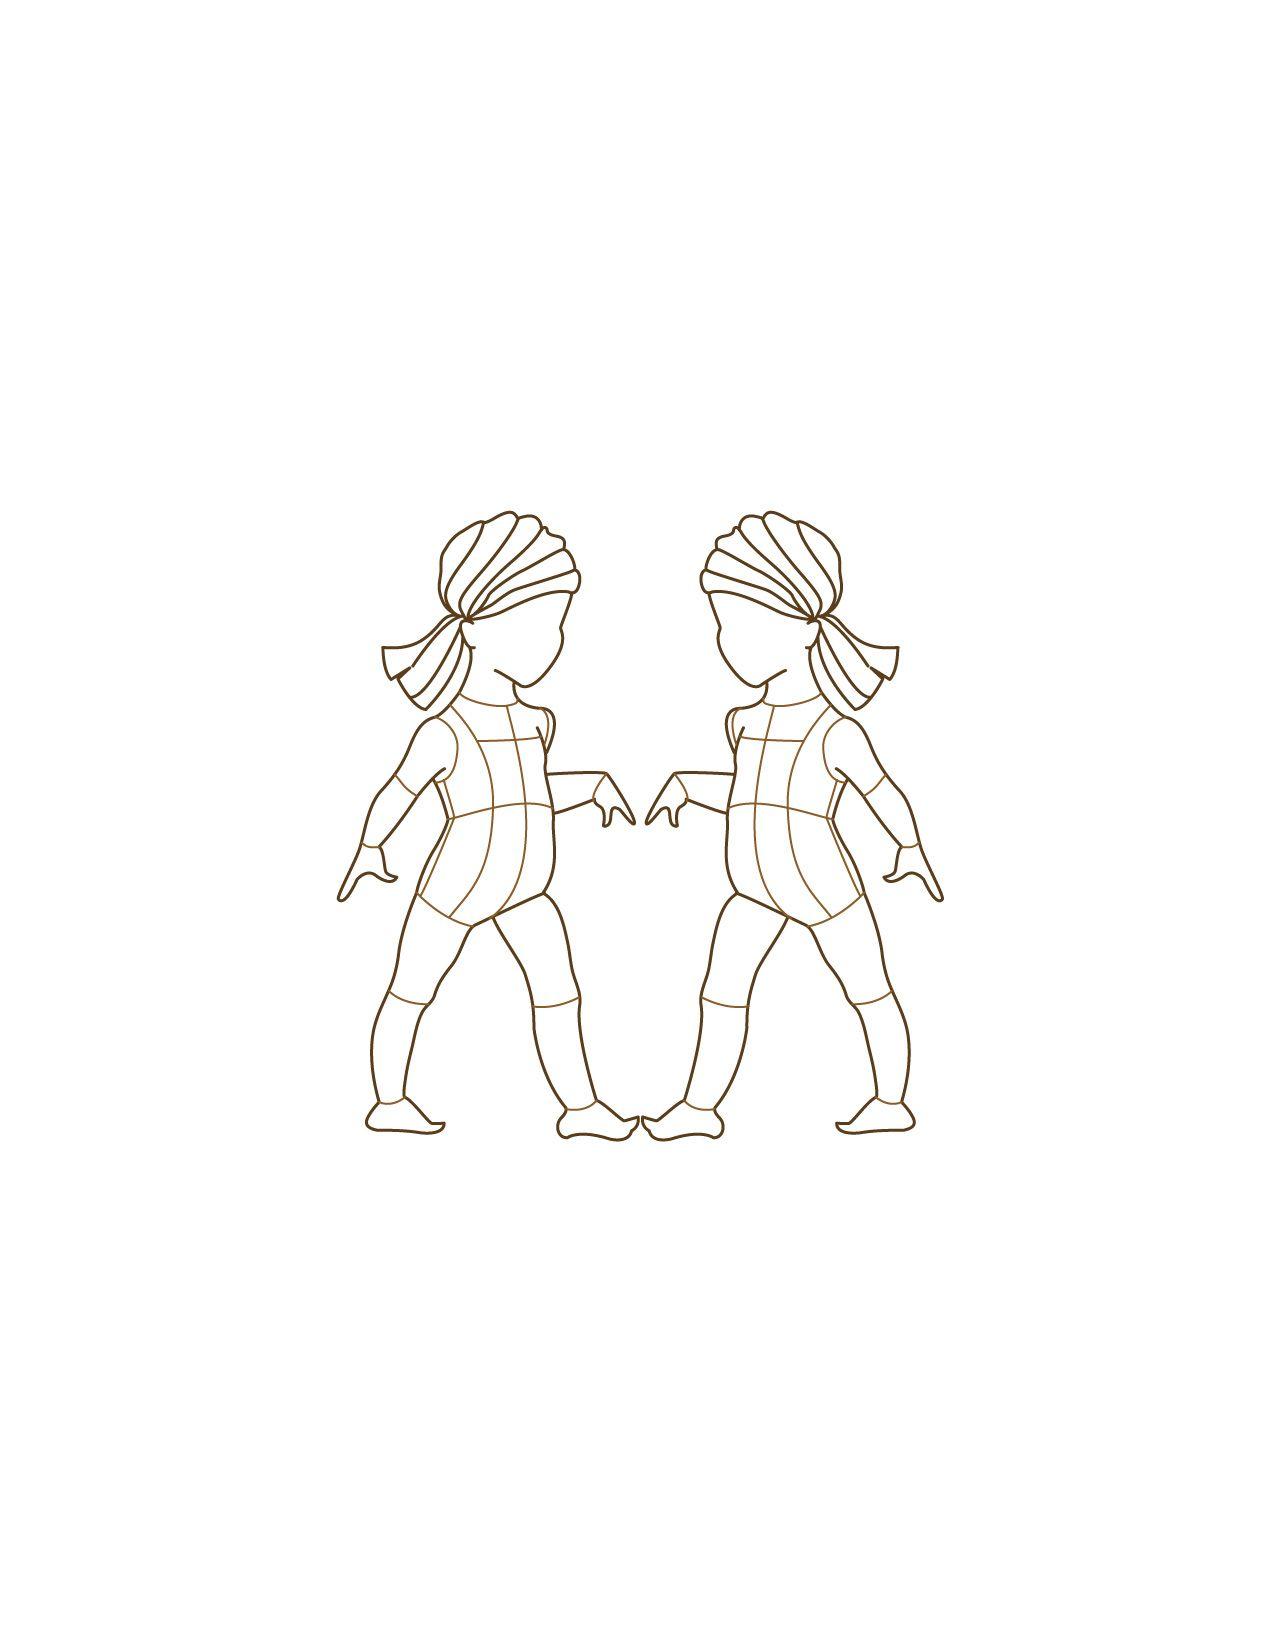 children fashion design template | illustrator fashion templates ...